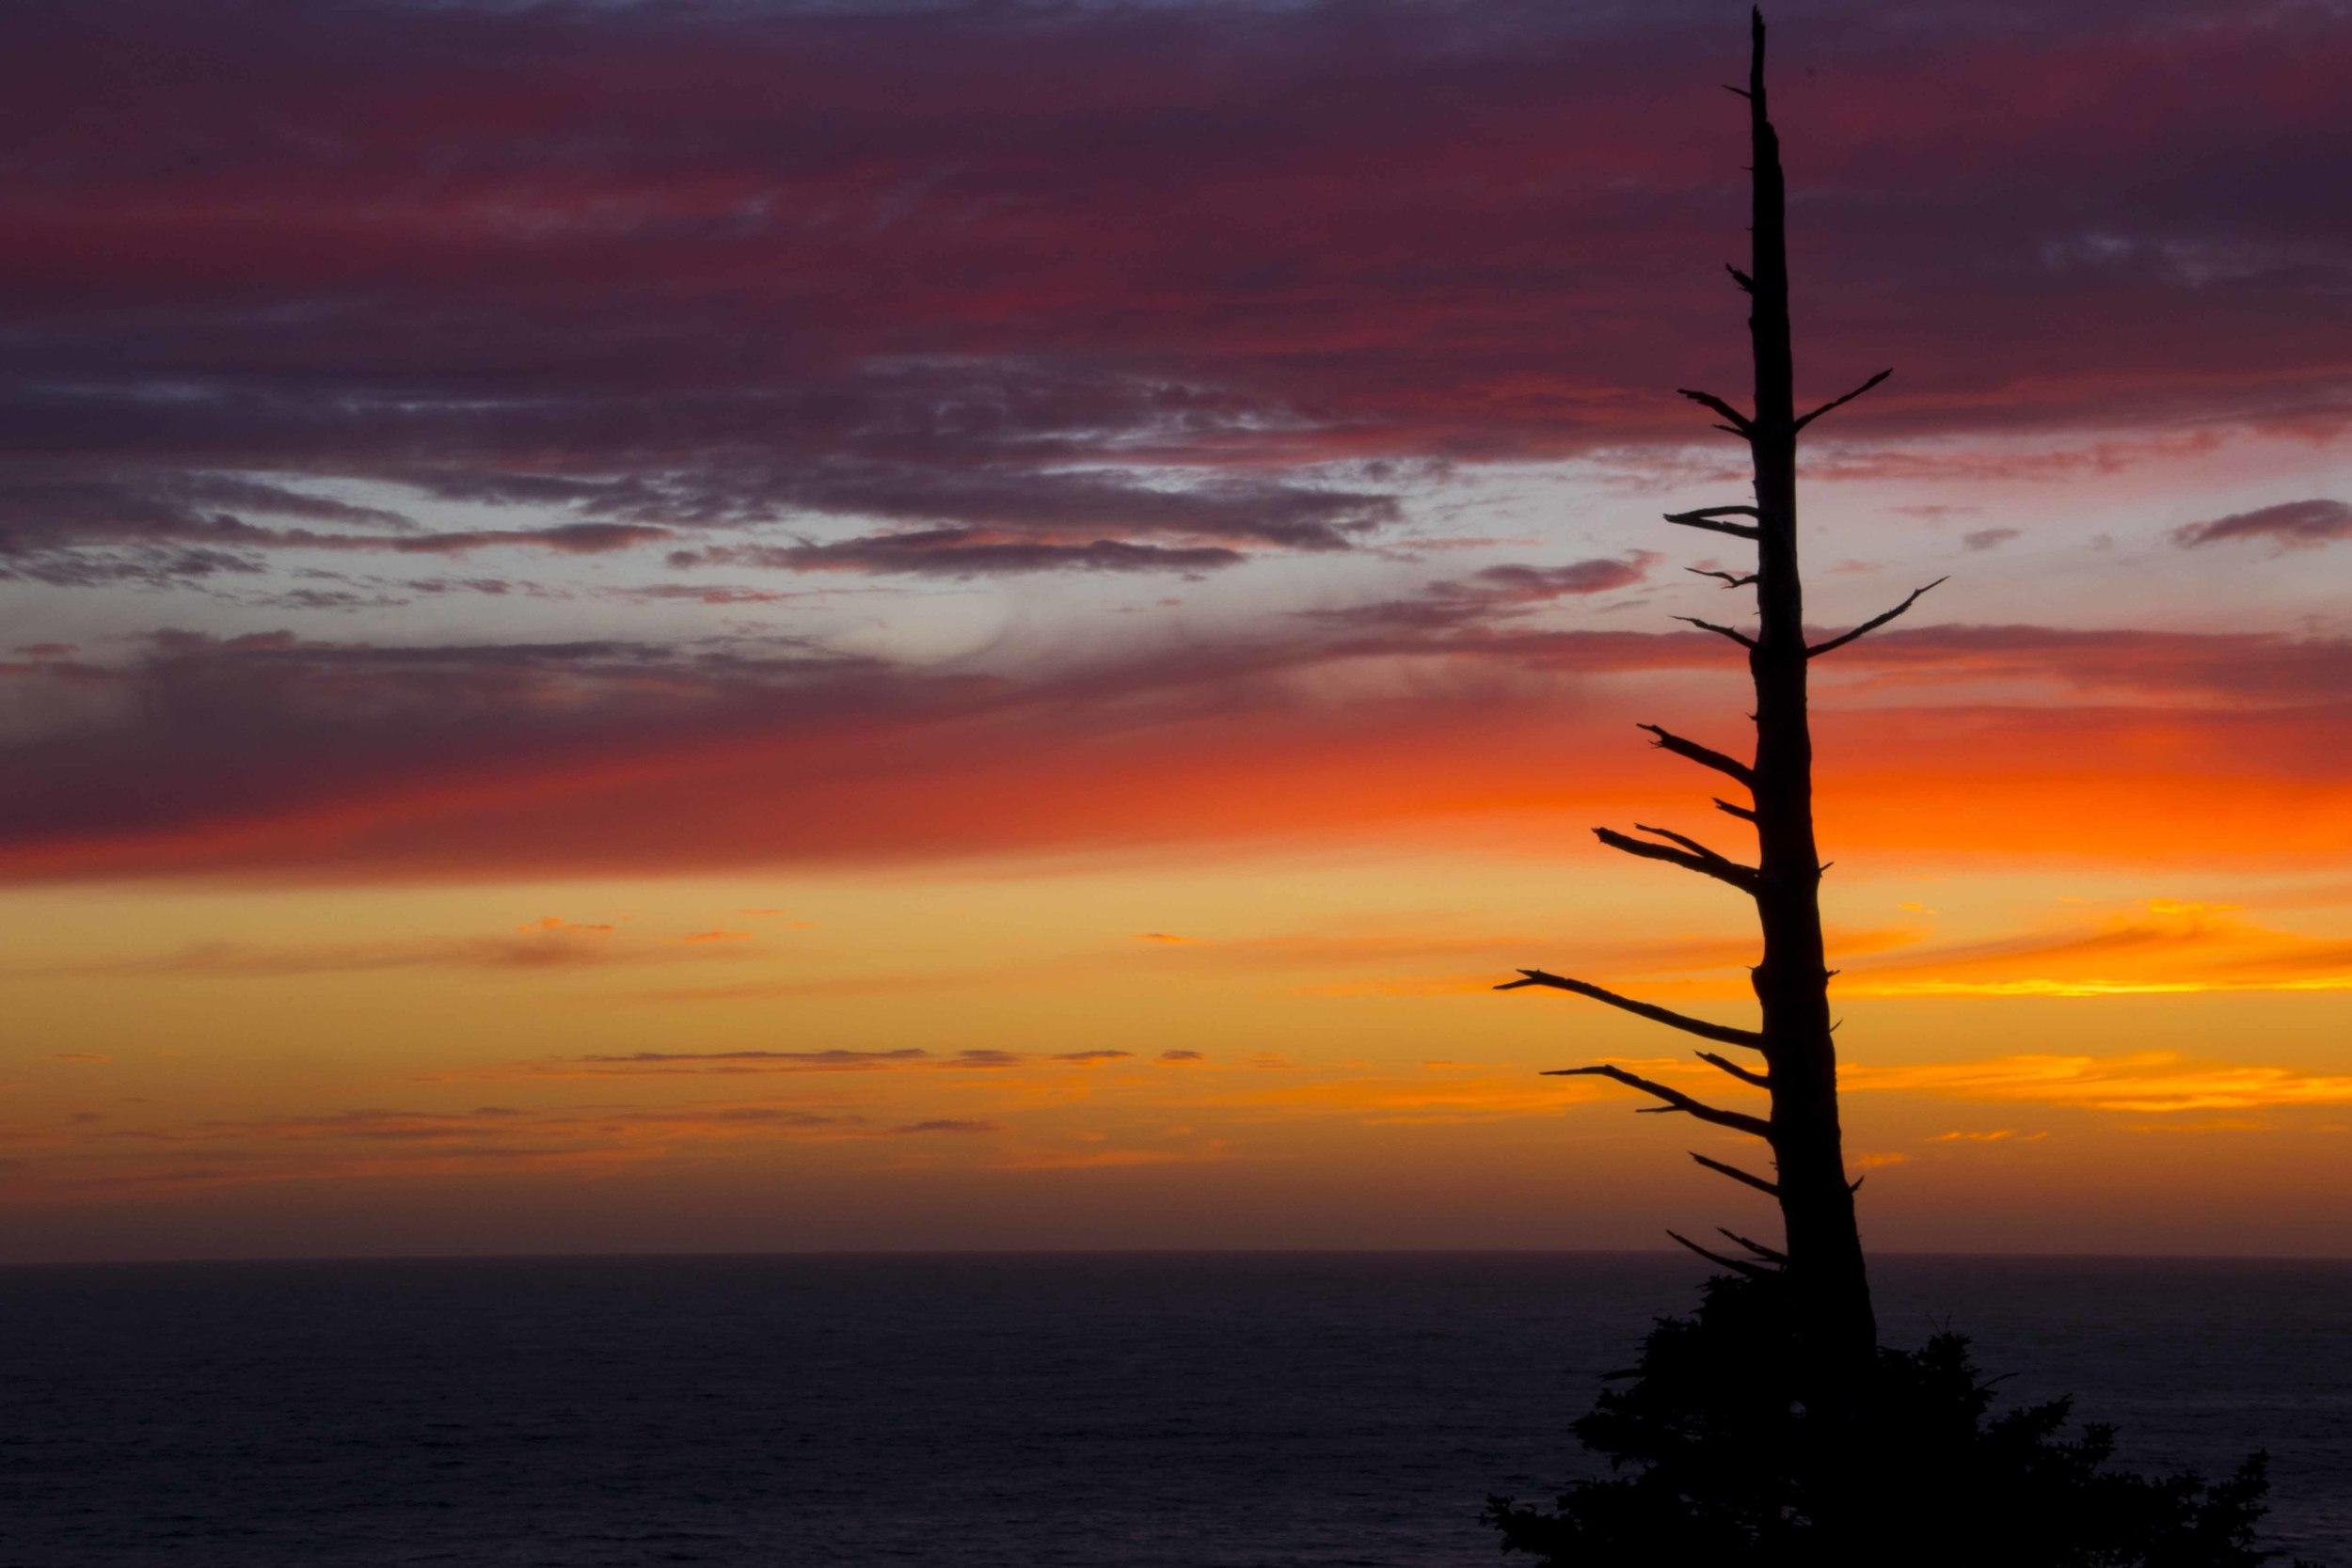 ottercrest sunset0A0A0850.jpg